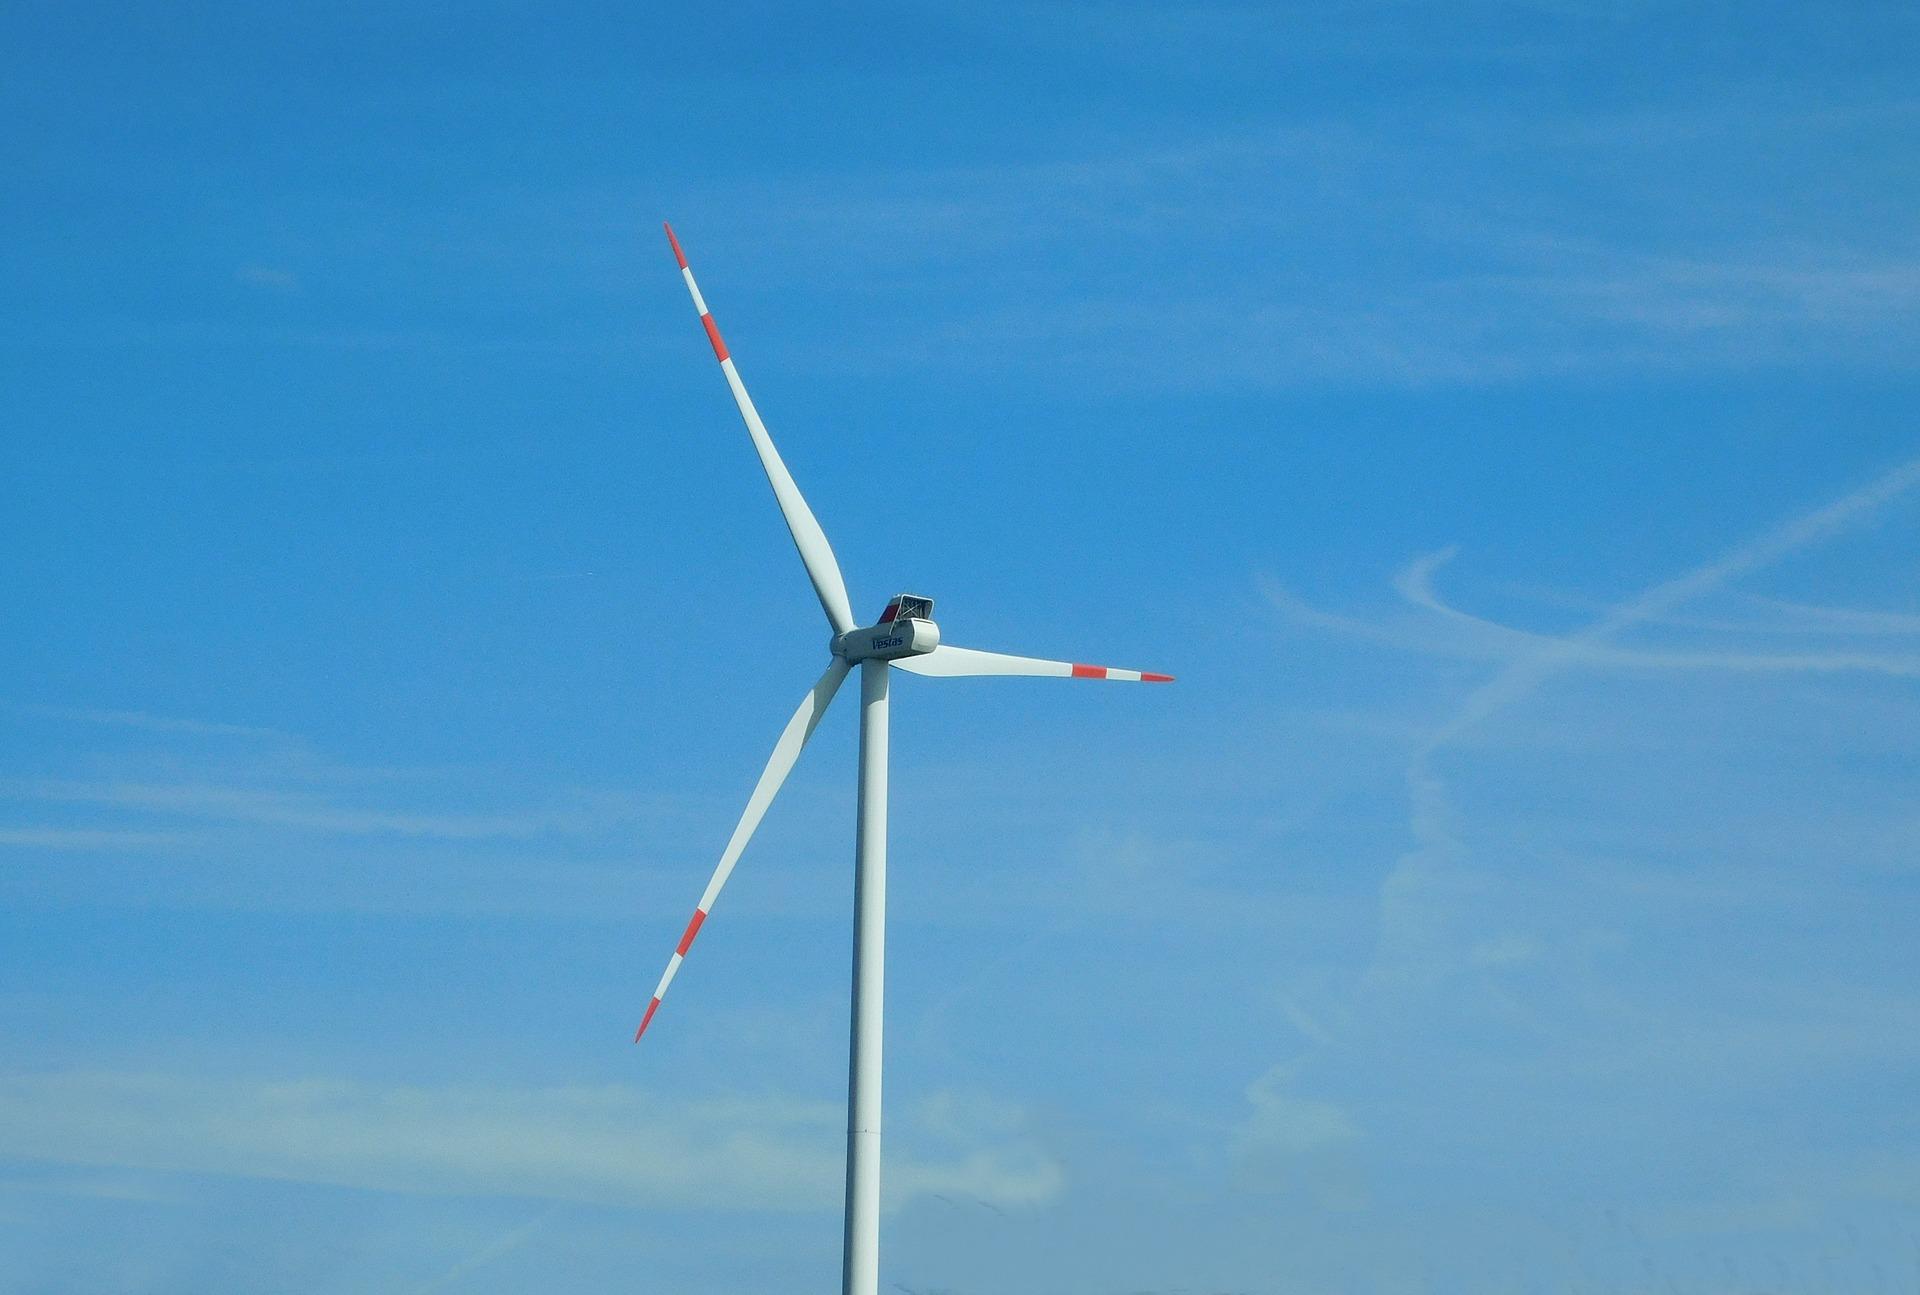 Grüne Zukunft mit Rohstoffen für die Energiewende